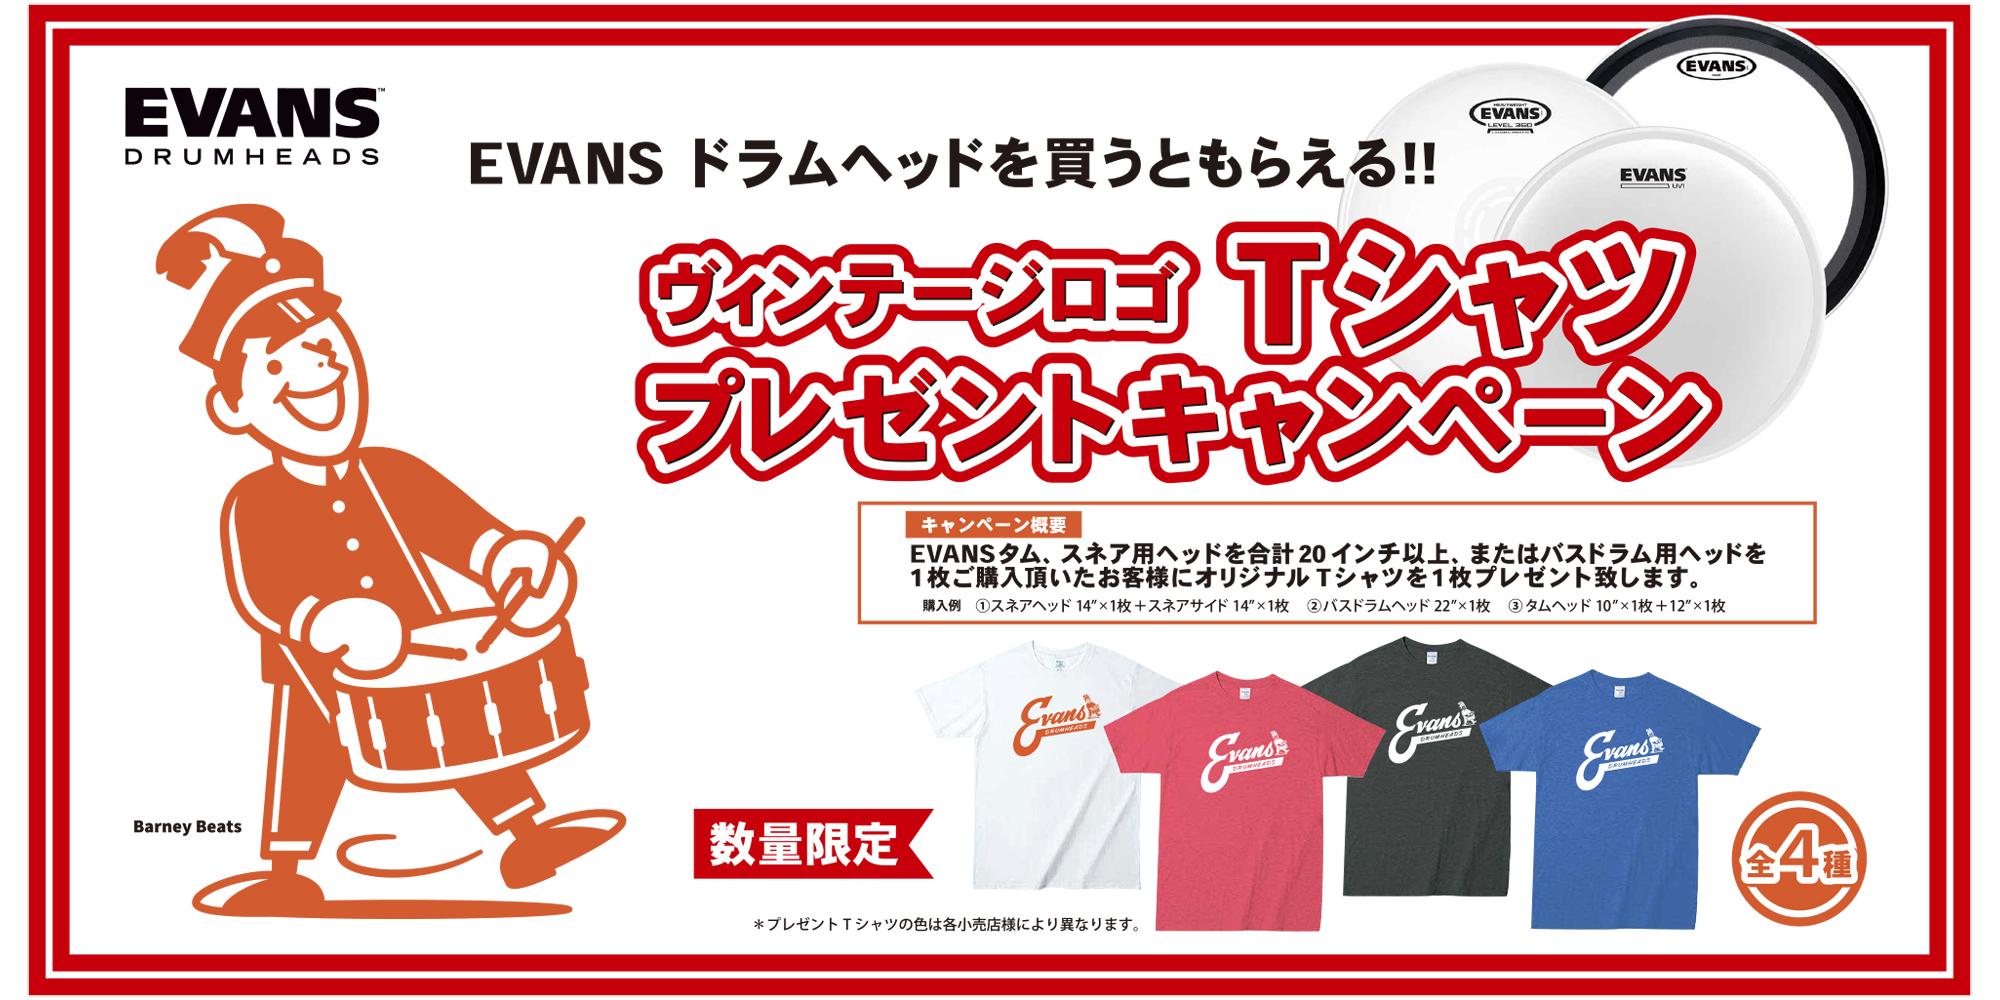 Evans Tシャツ プレゼントキャンぺーン 2019